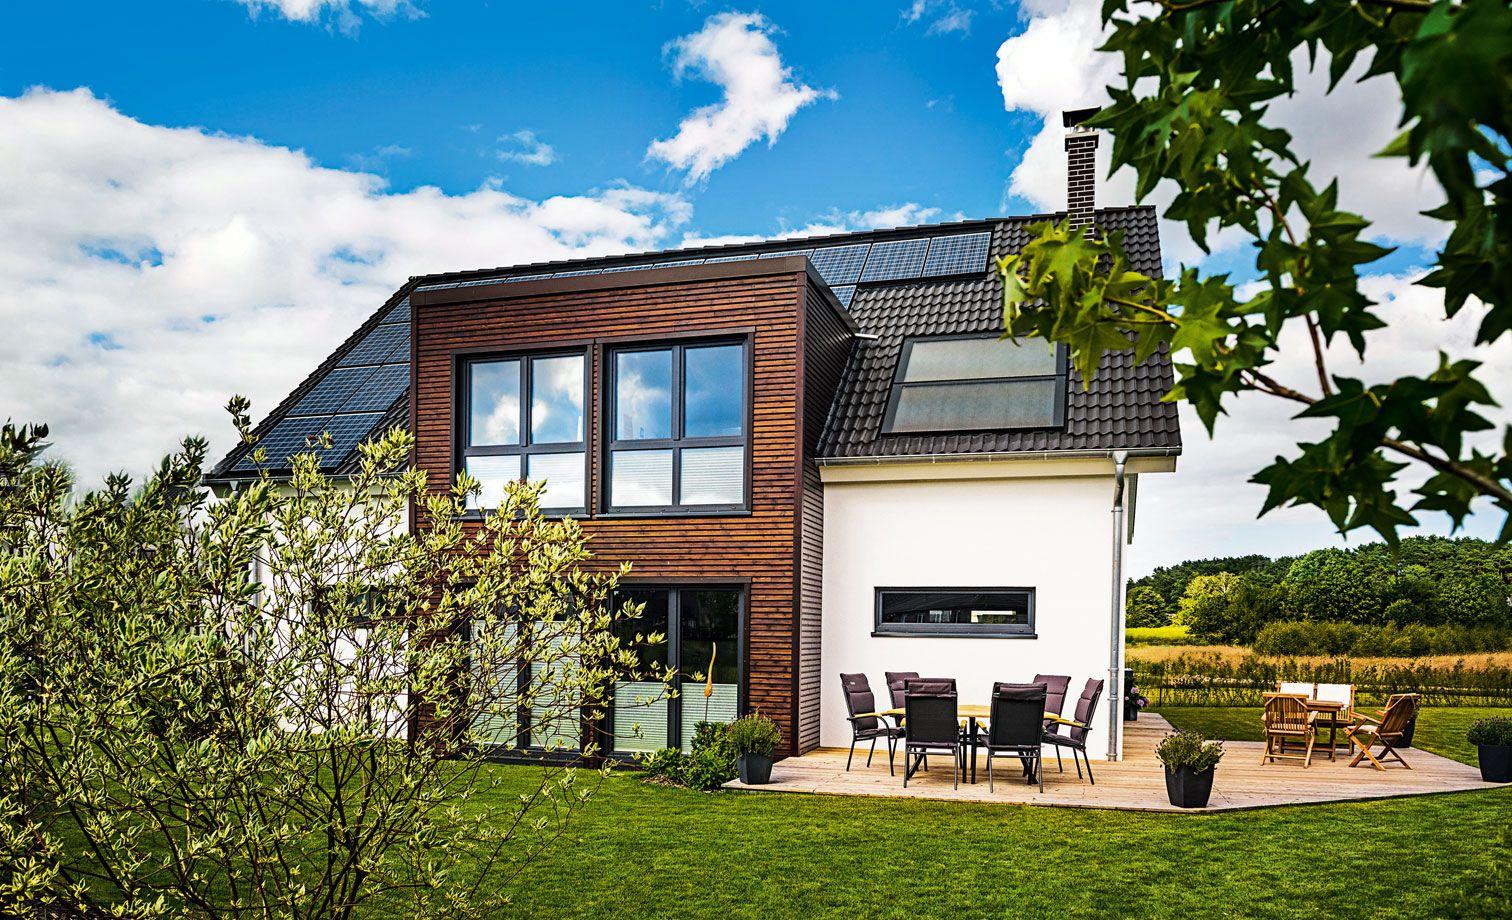 Pin Von Rita Juhasz Auf Das Moderne Landhaus Haacke Haus Anbau Haus Haus